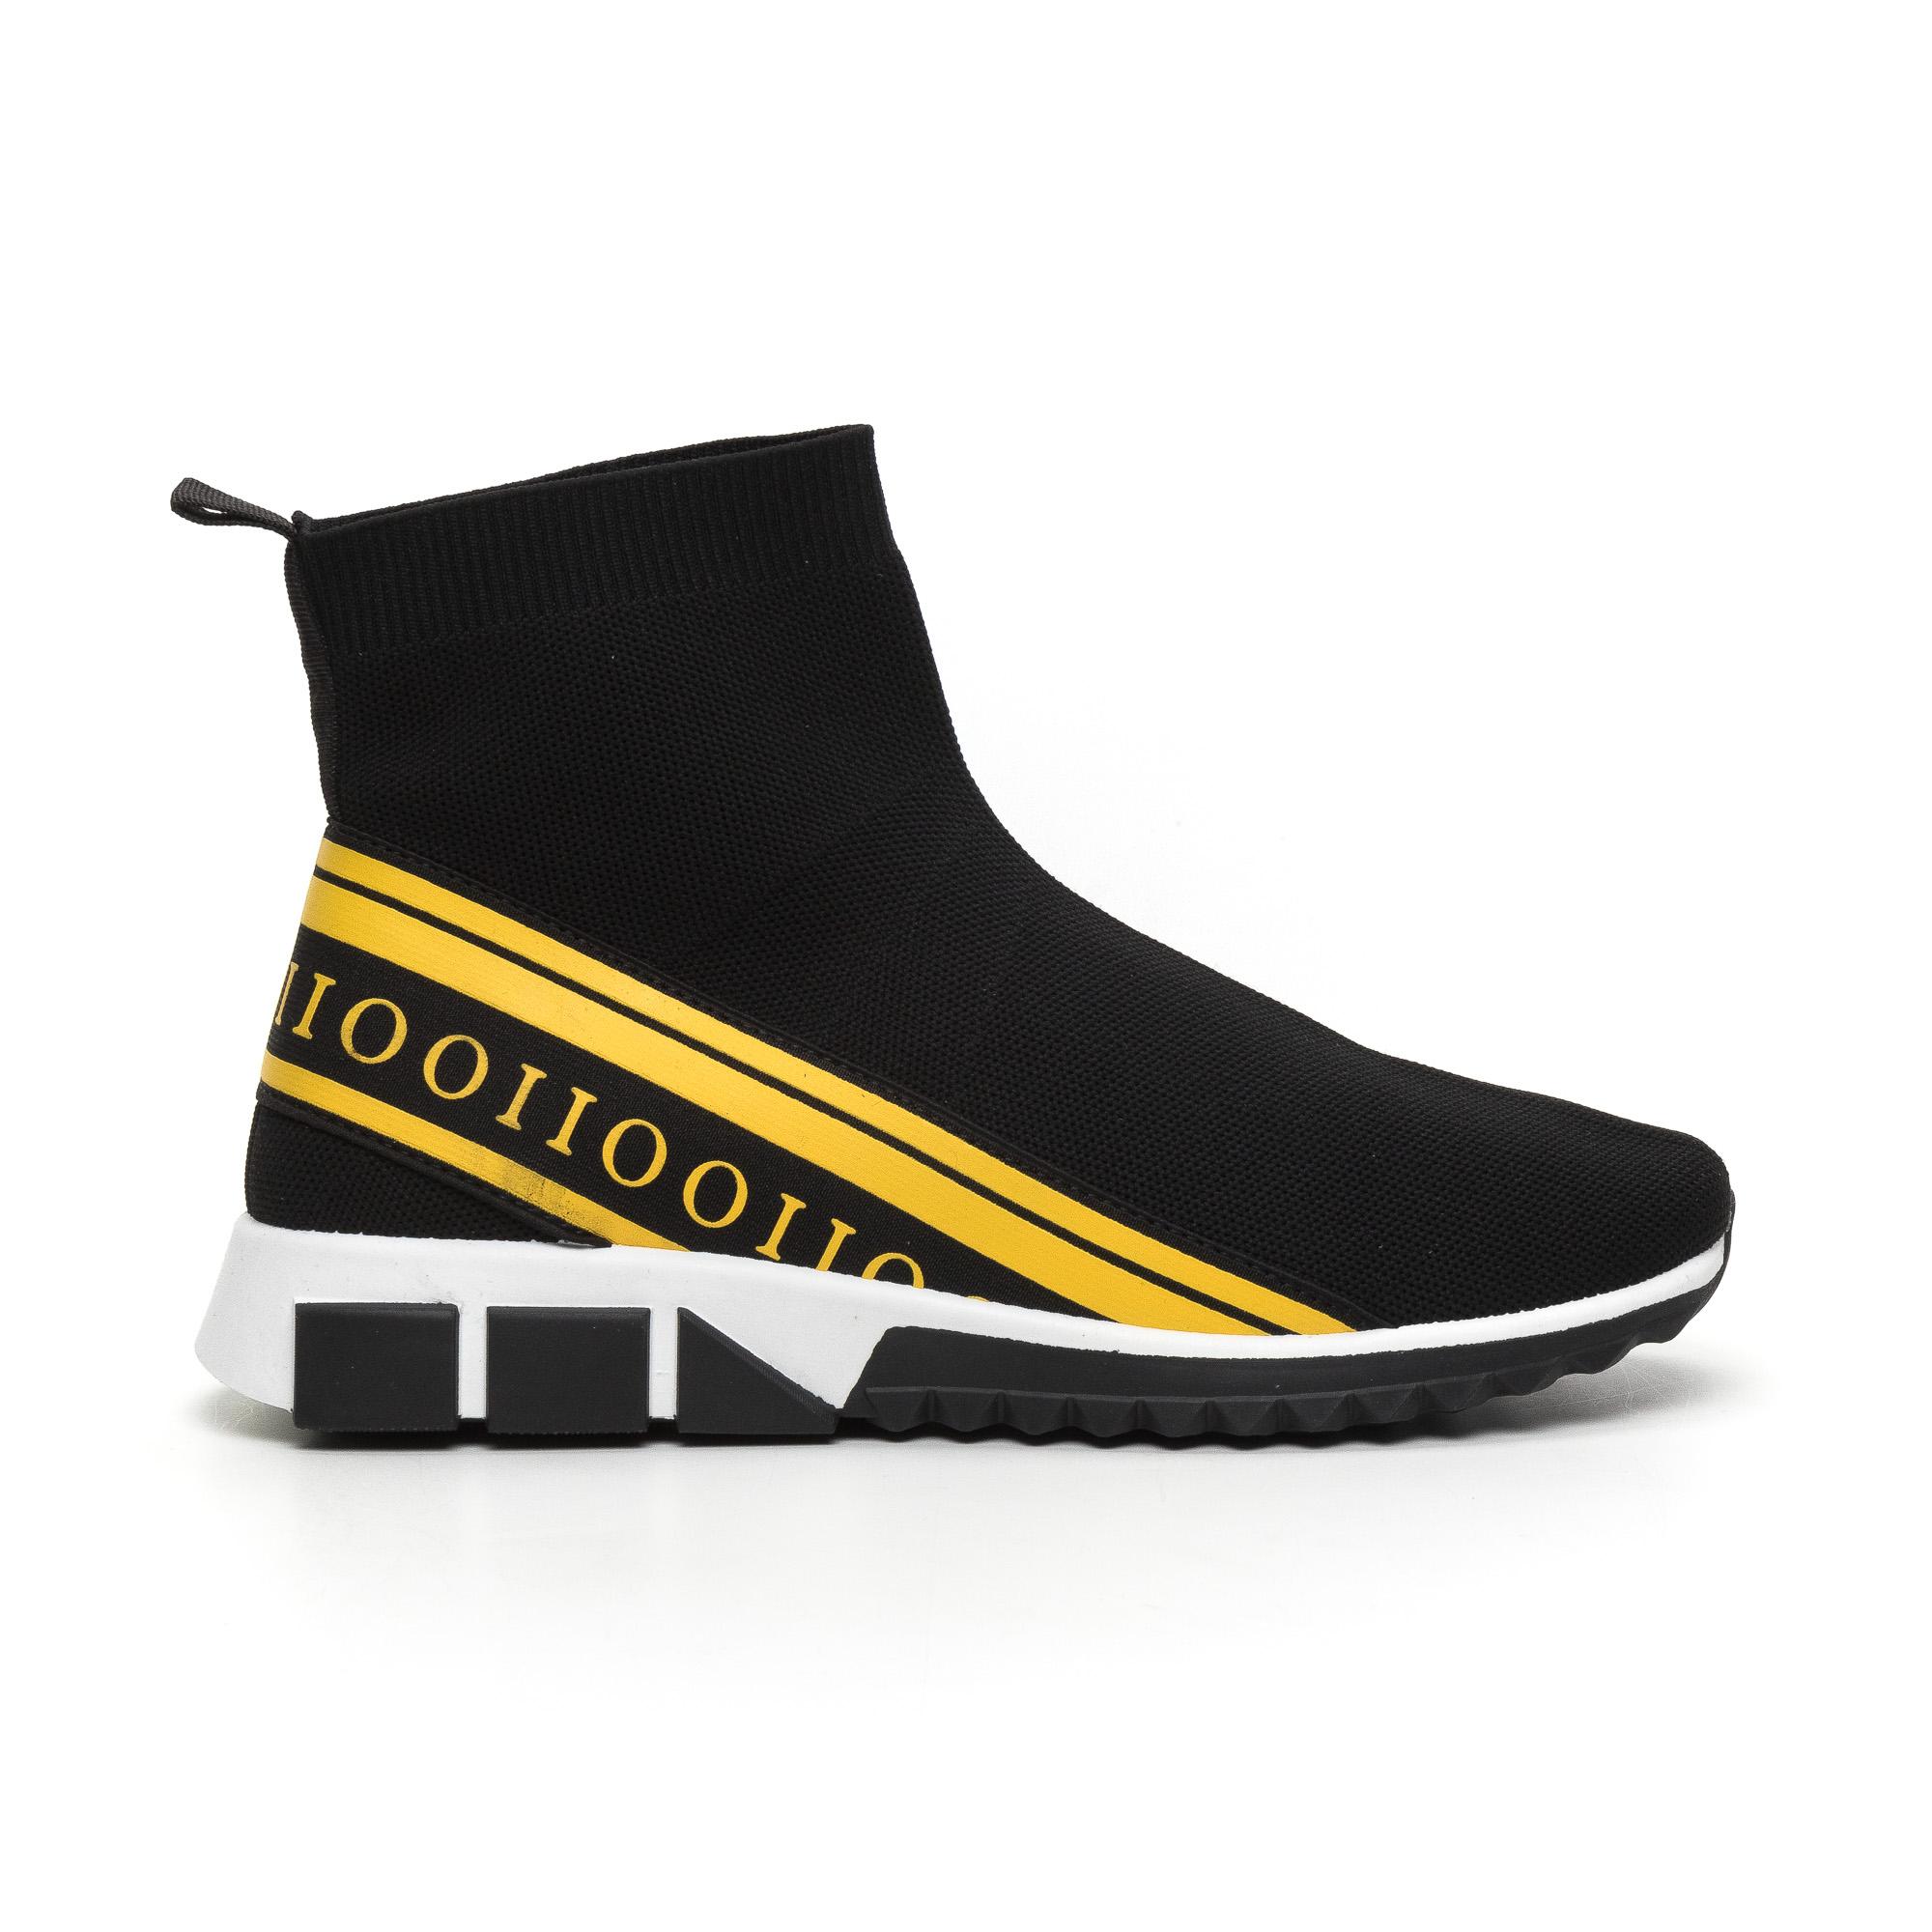 Ανδρικά αθλητικά παπούτσια τύπου κάλτσα με κίτρινη ρίγα